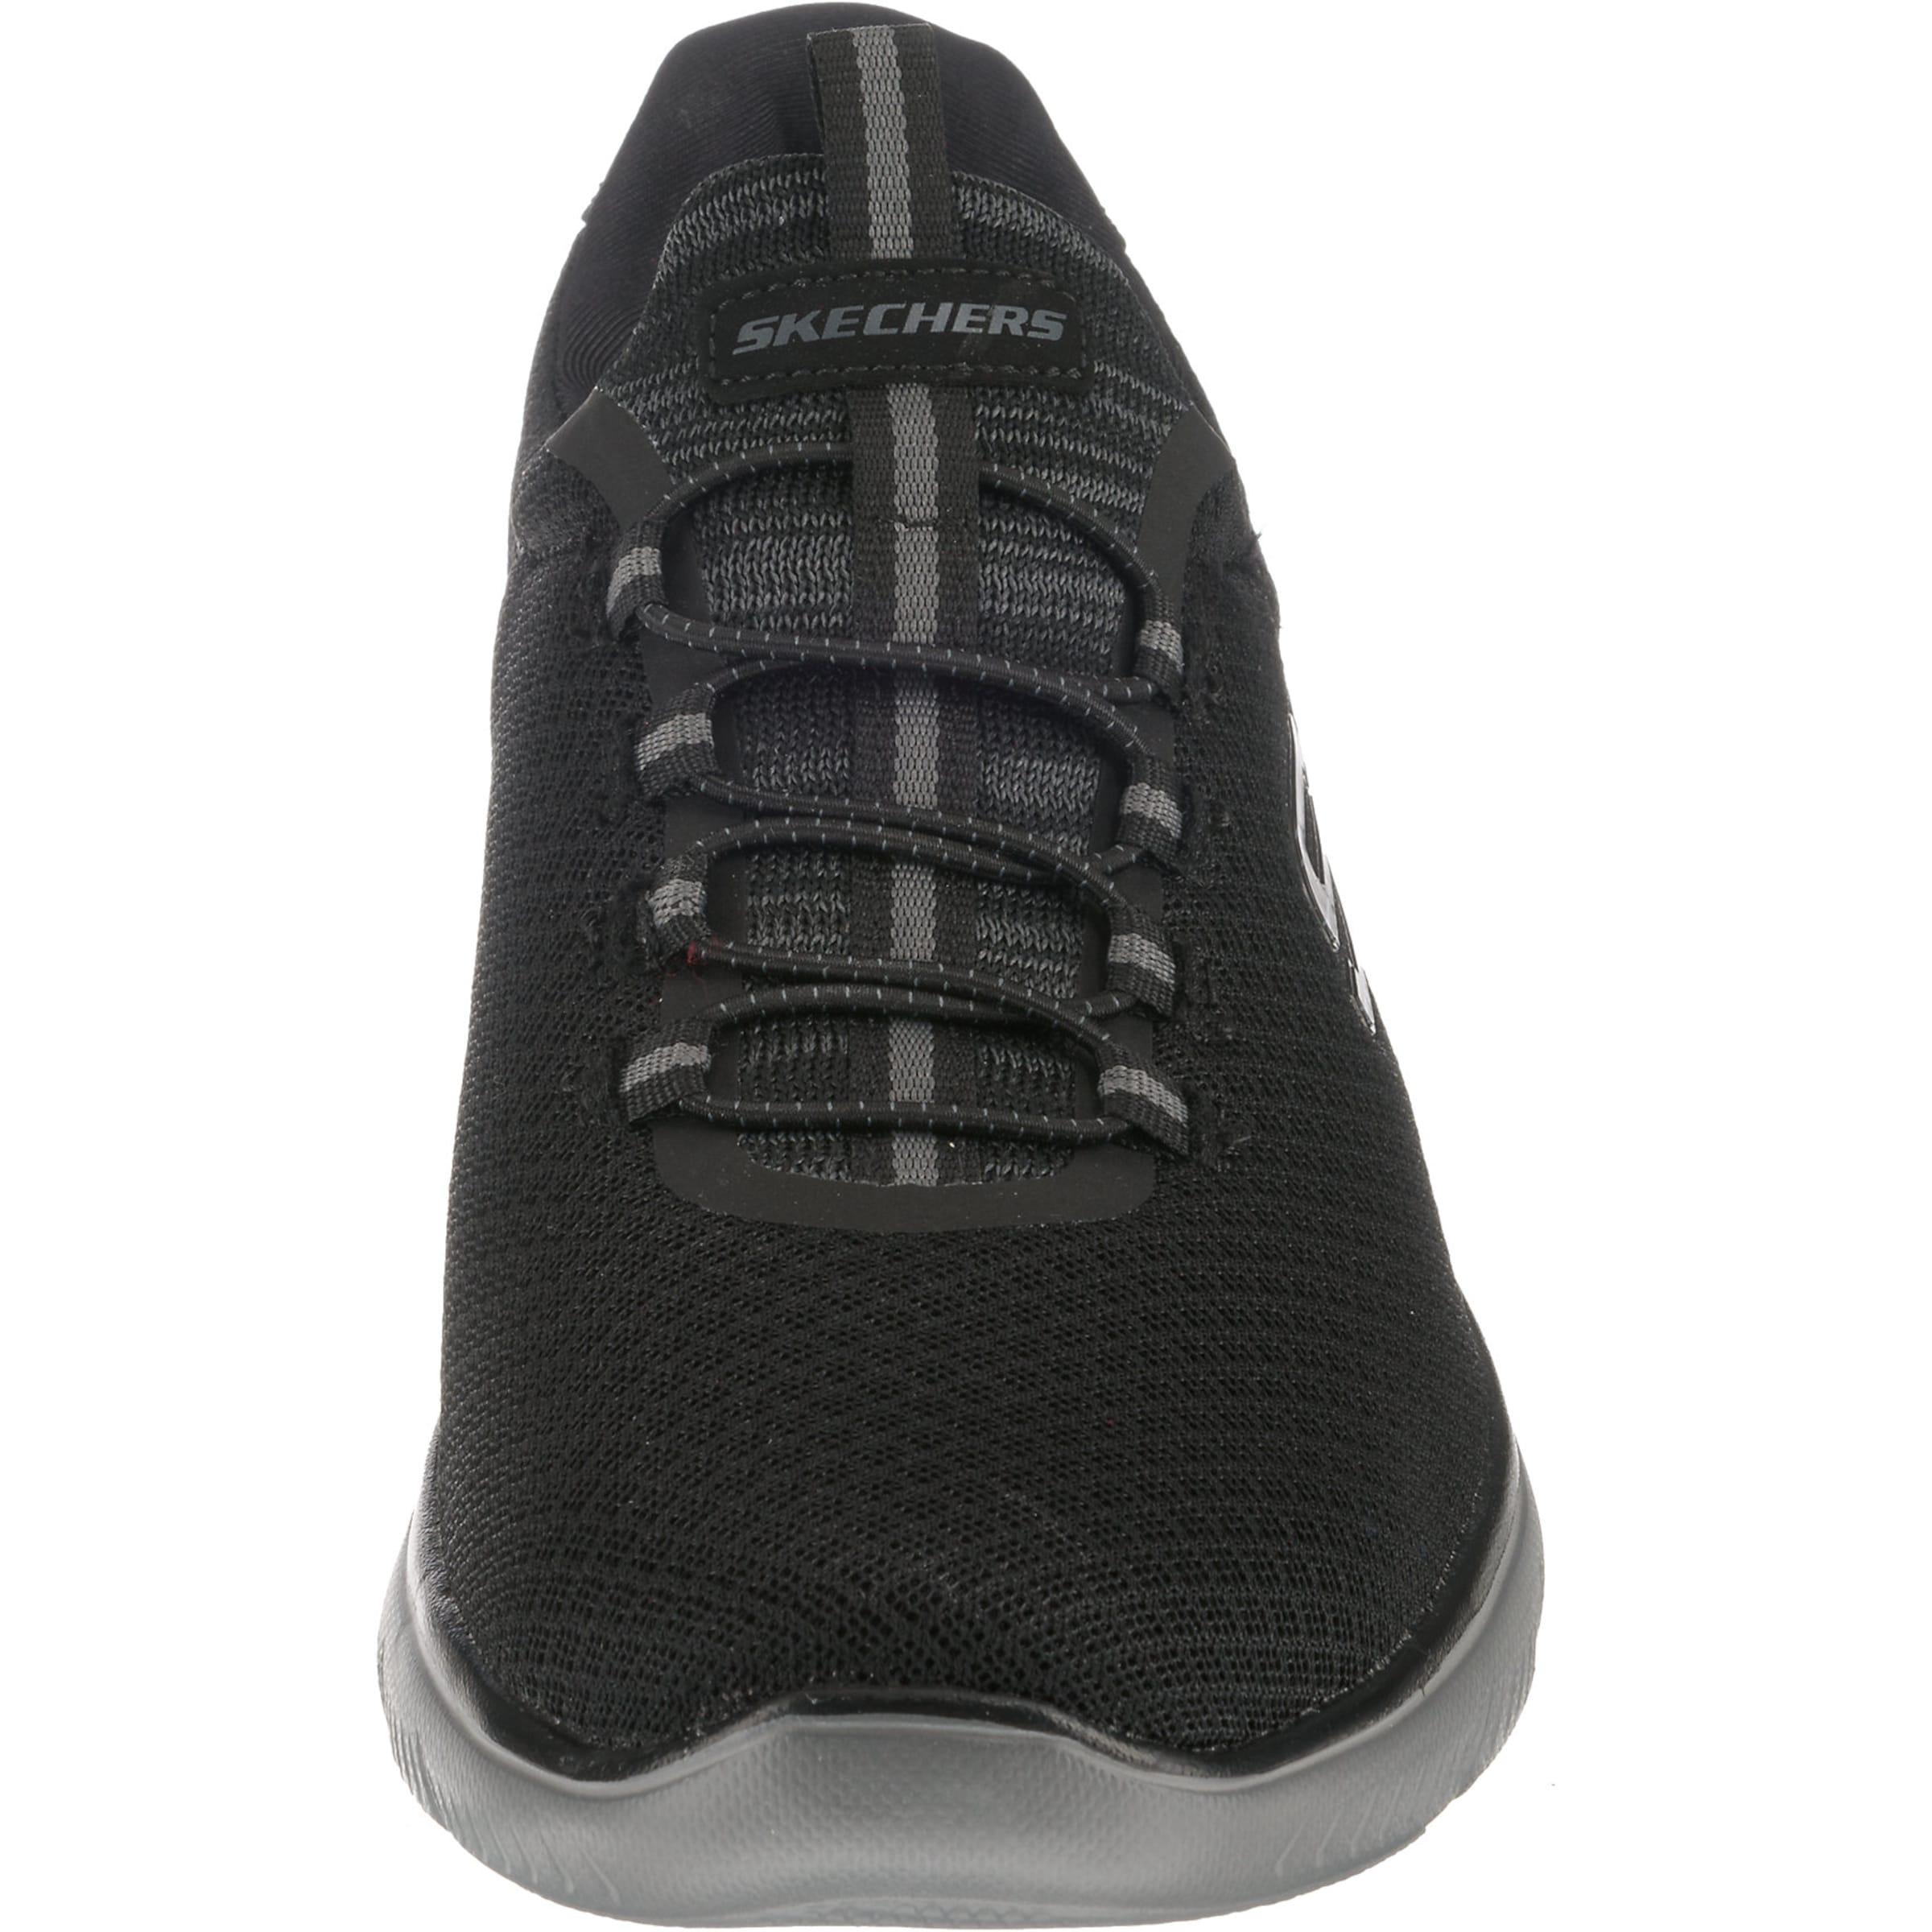 Sneaker In Skechers Sneaker Skechers 'summits' Schwarz UpSzMV